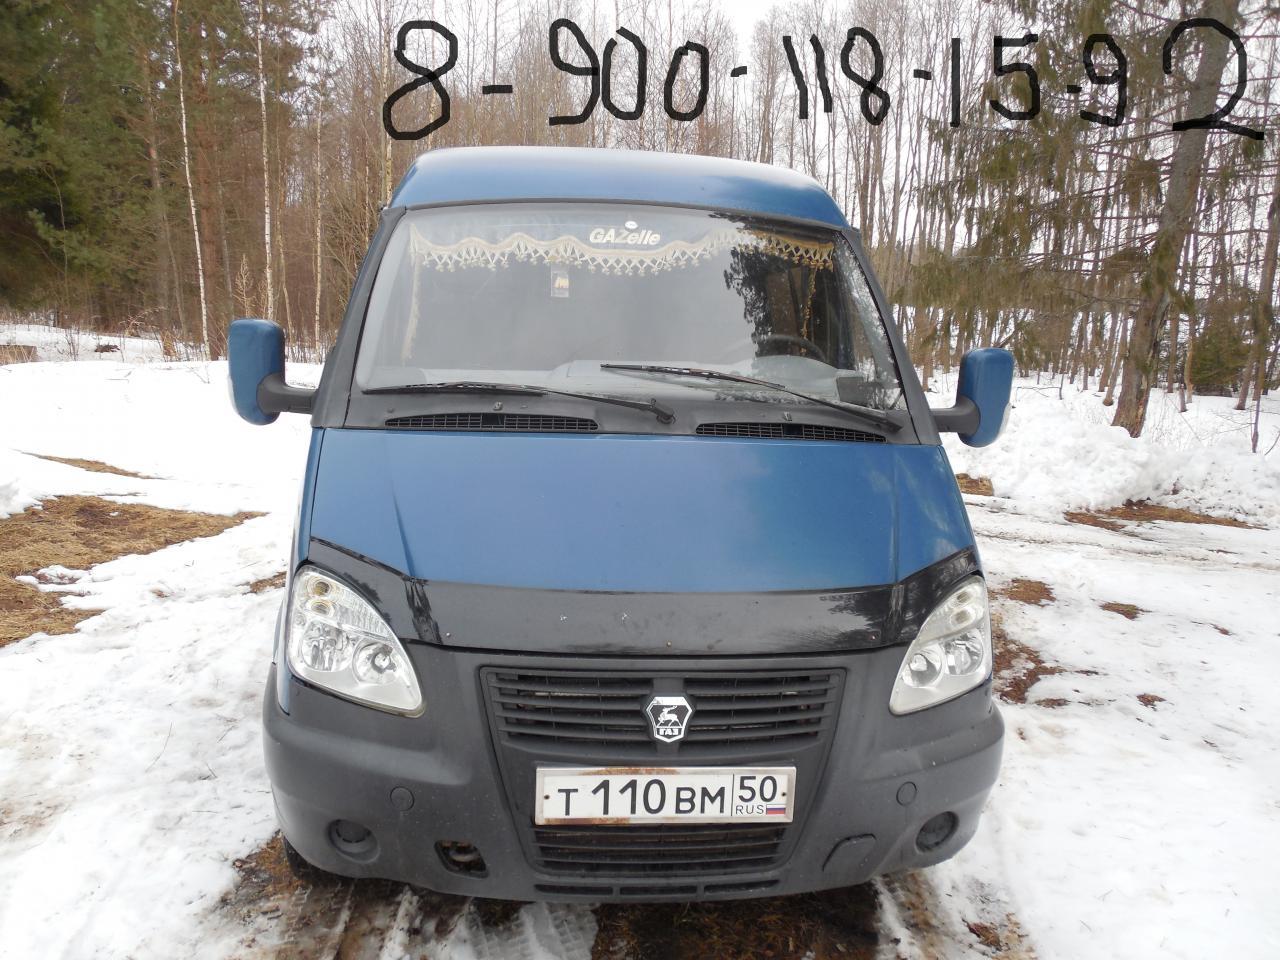 ГАЗ 3302 Газель 2007 г.в. г.Тверь - фото 2